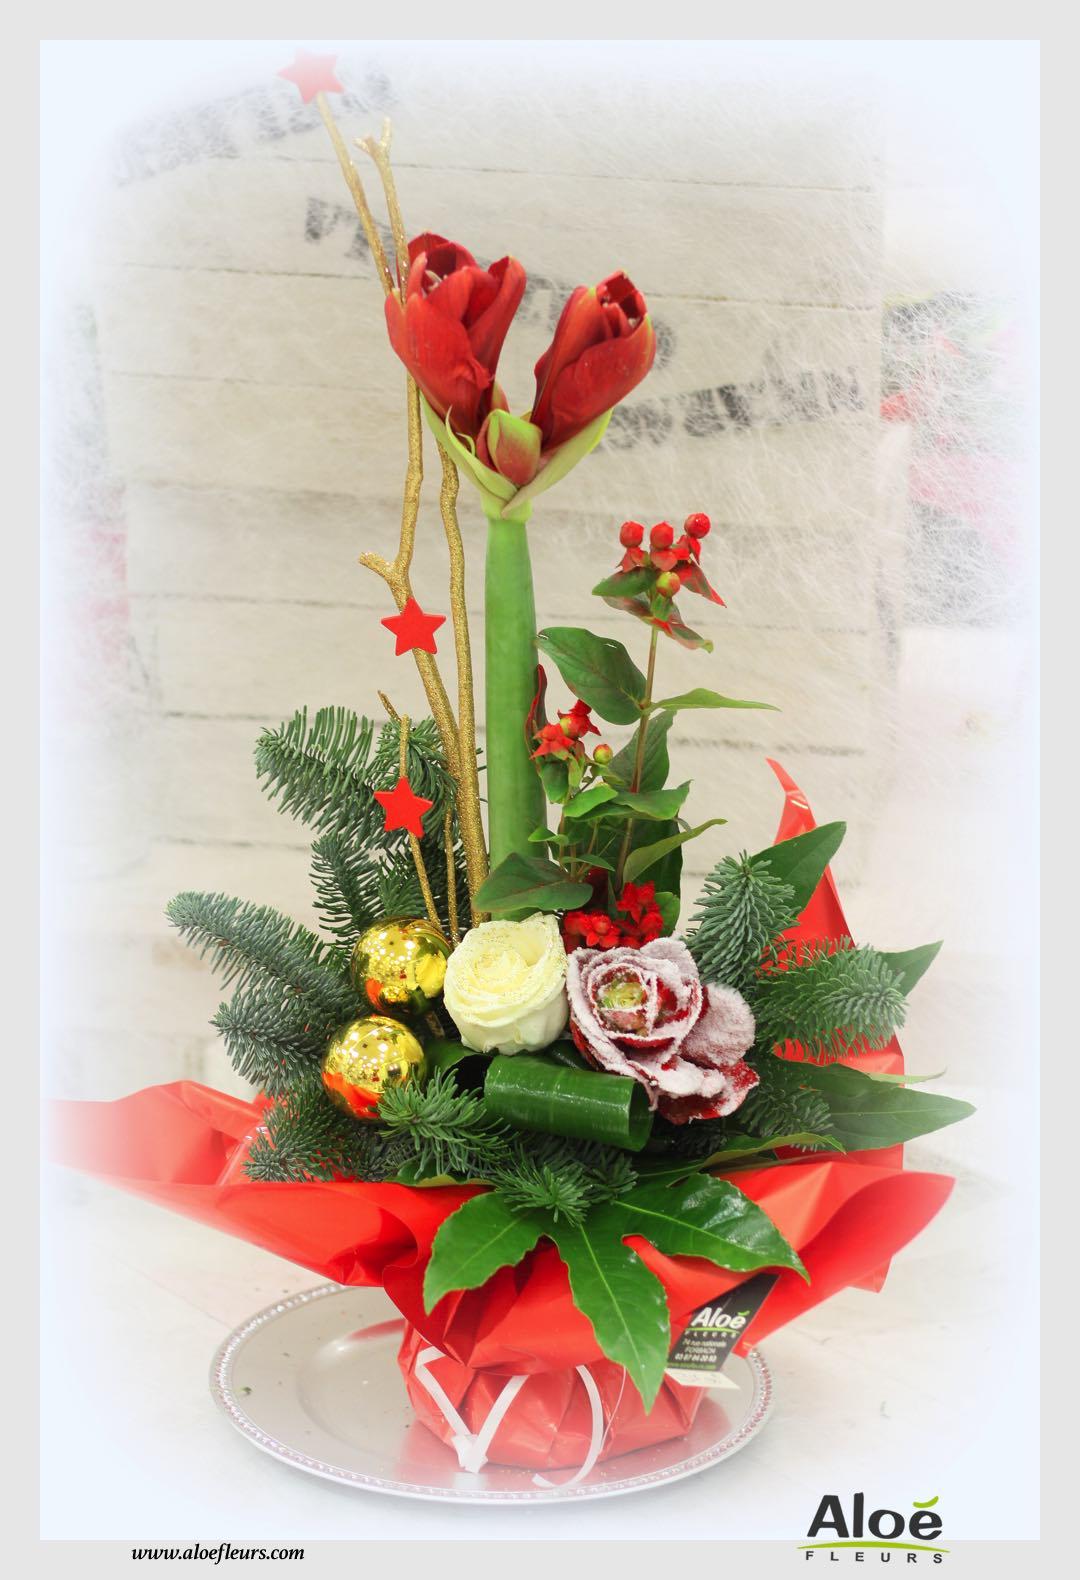 Meilleur 6303 decoration florale de noel 2015 avec des for Perle d eau decoration florale